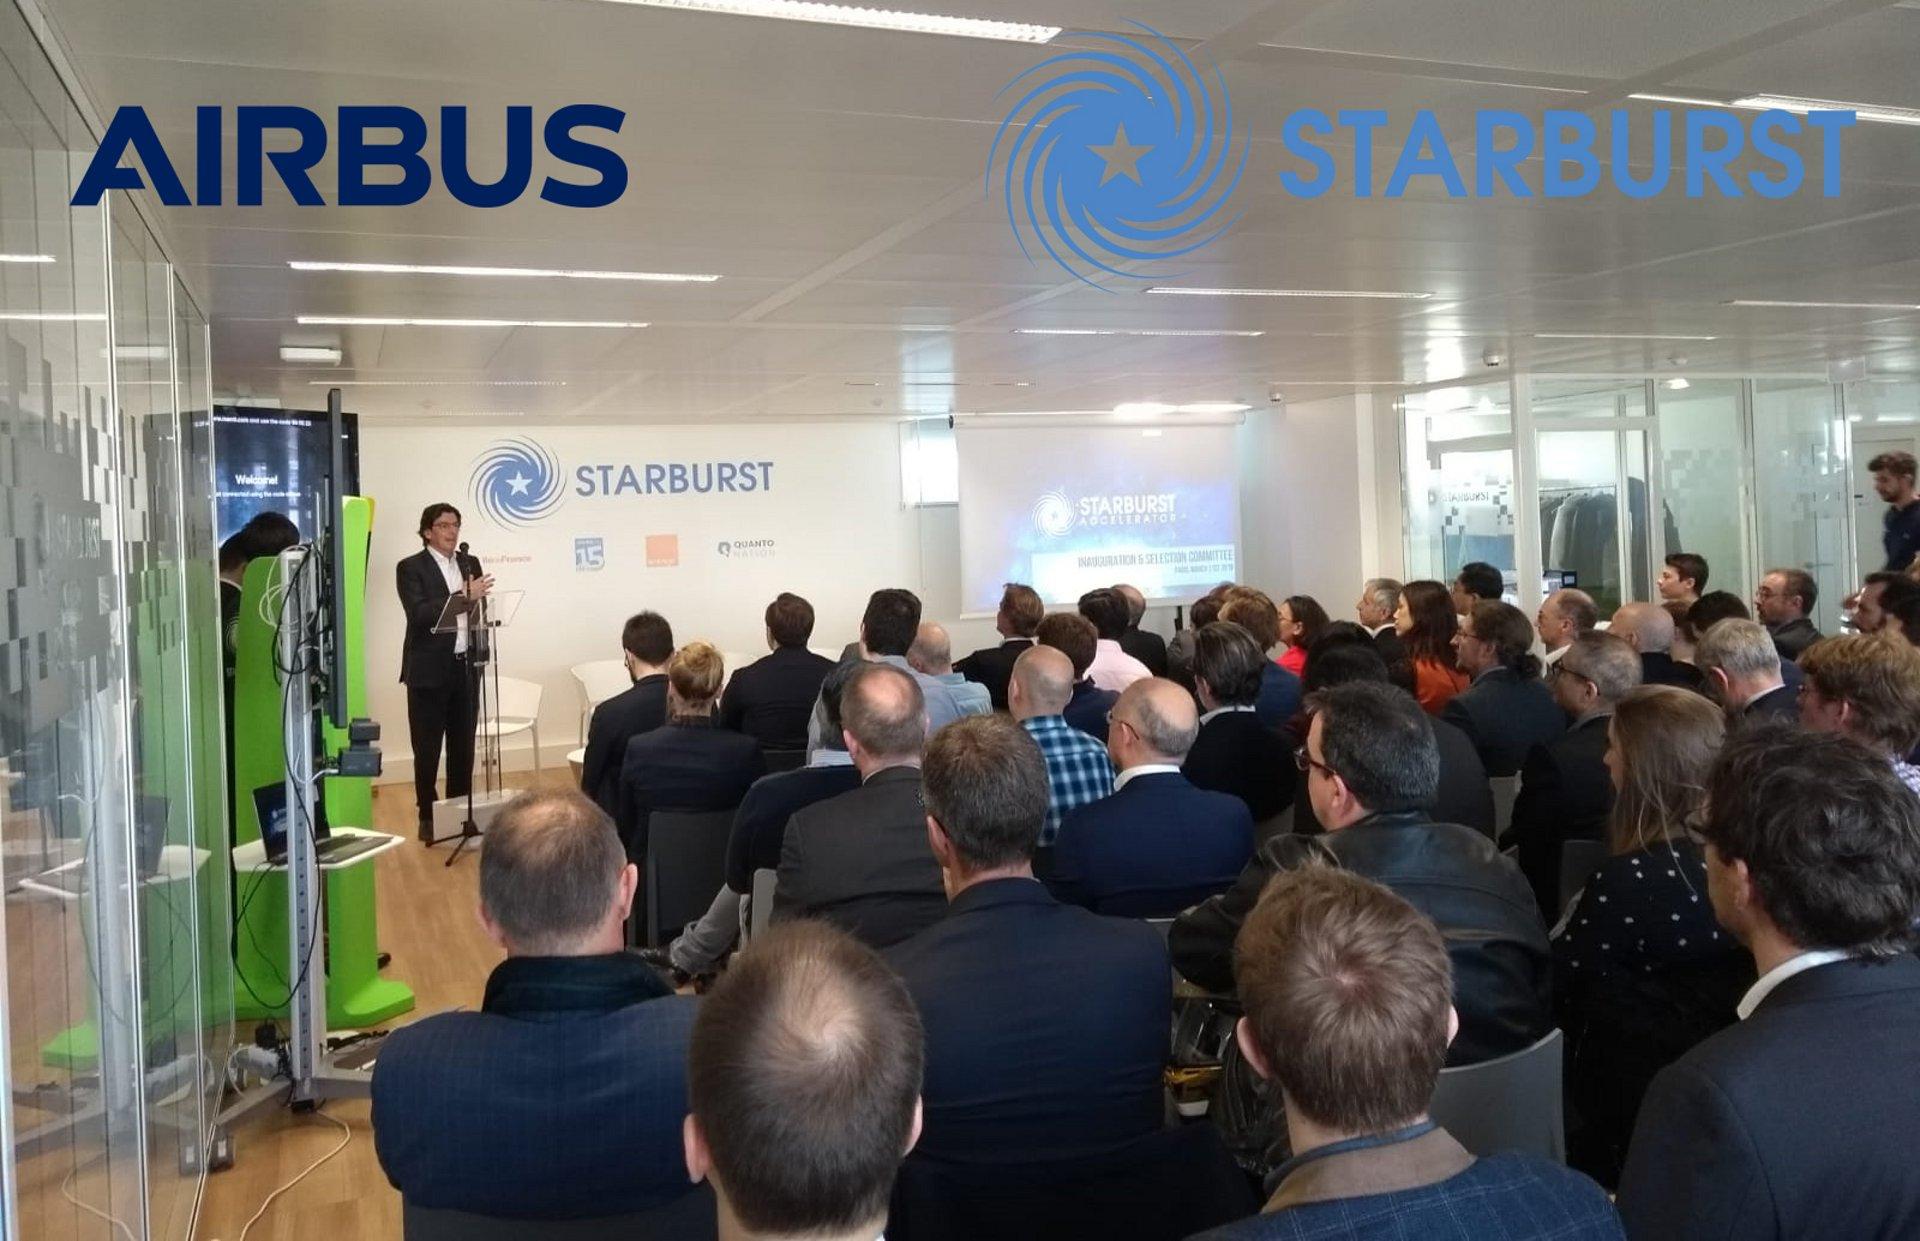 Airbus Starburst